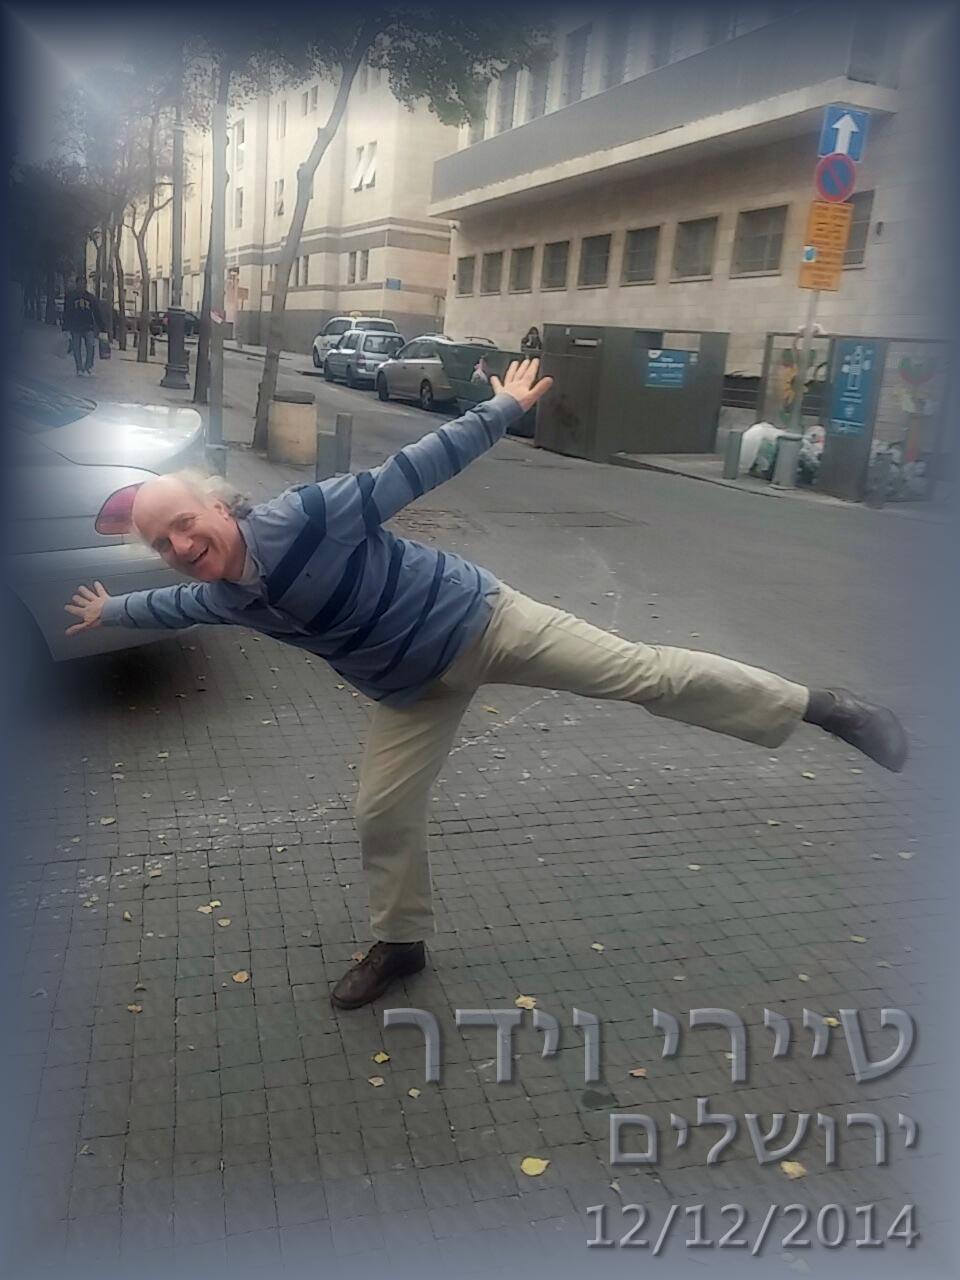 יאיר דיקמן אוירון ירושלים